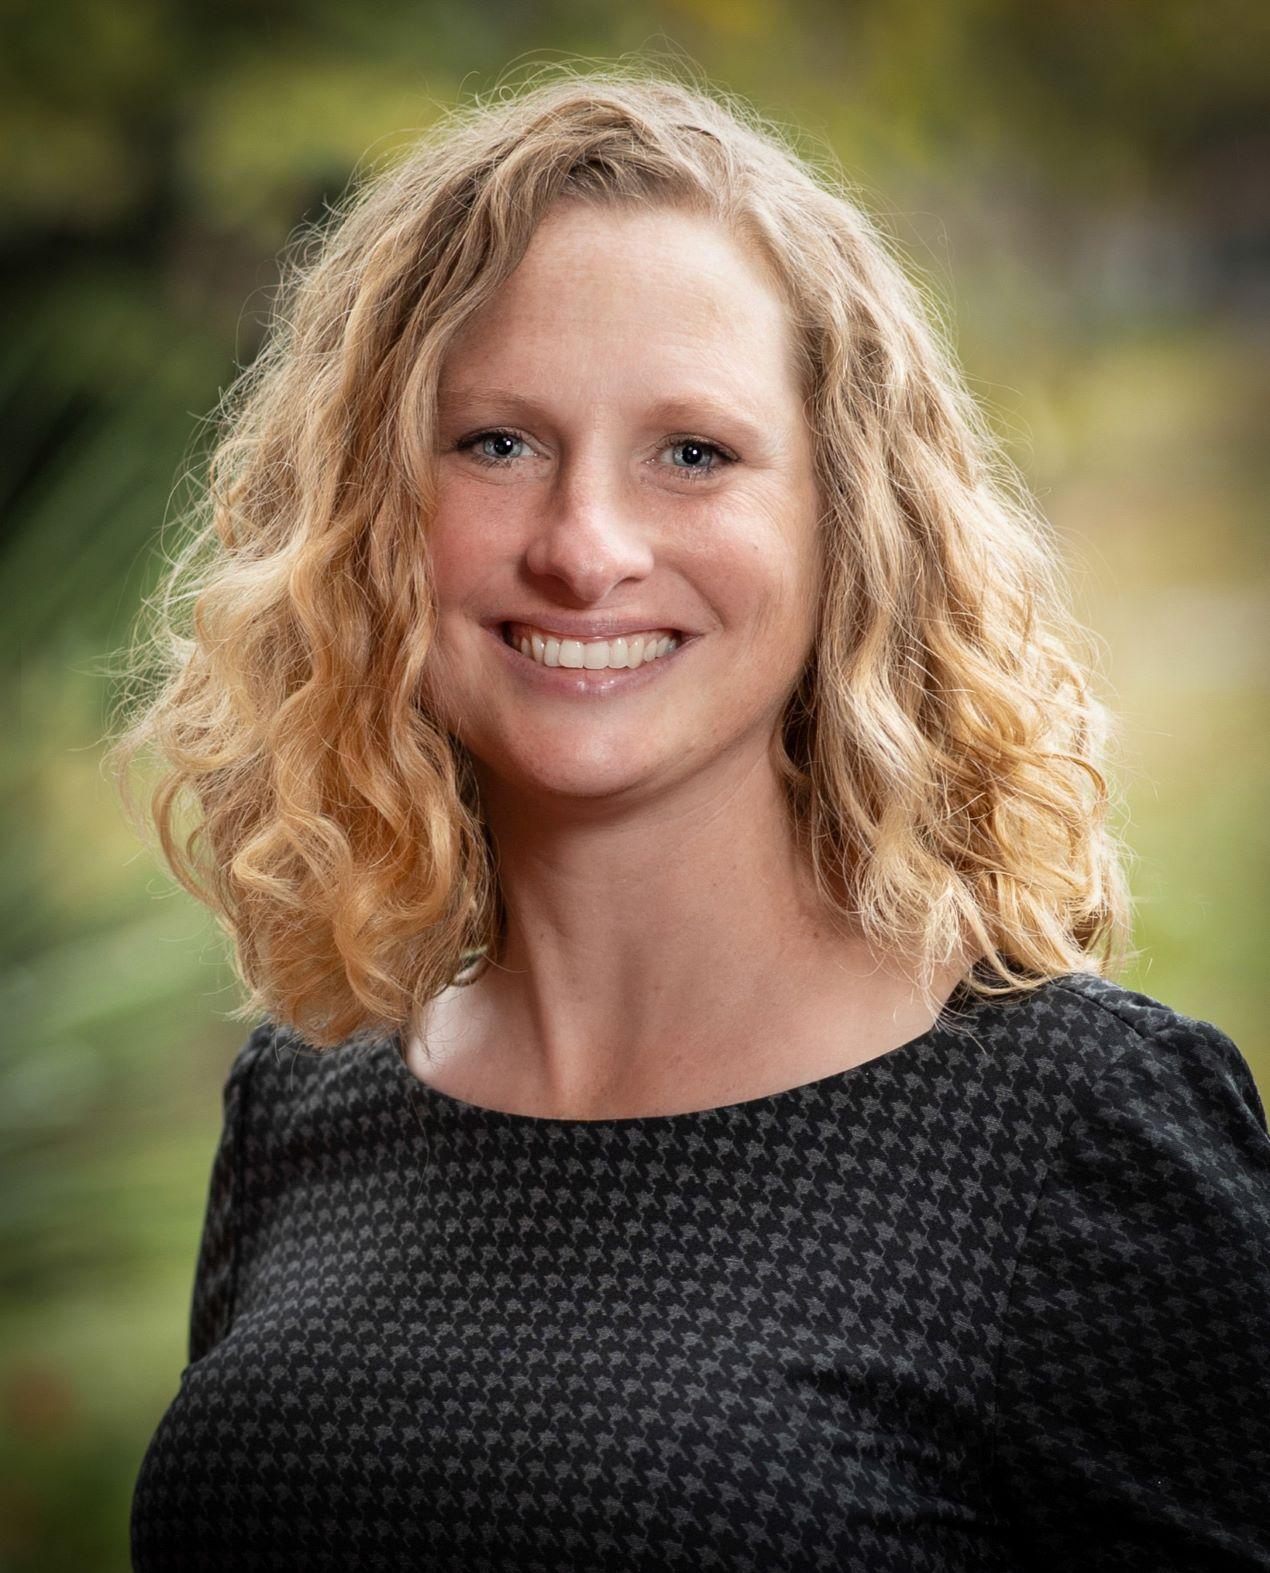 Jessica Mudrick